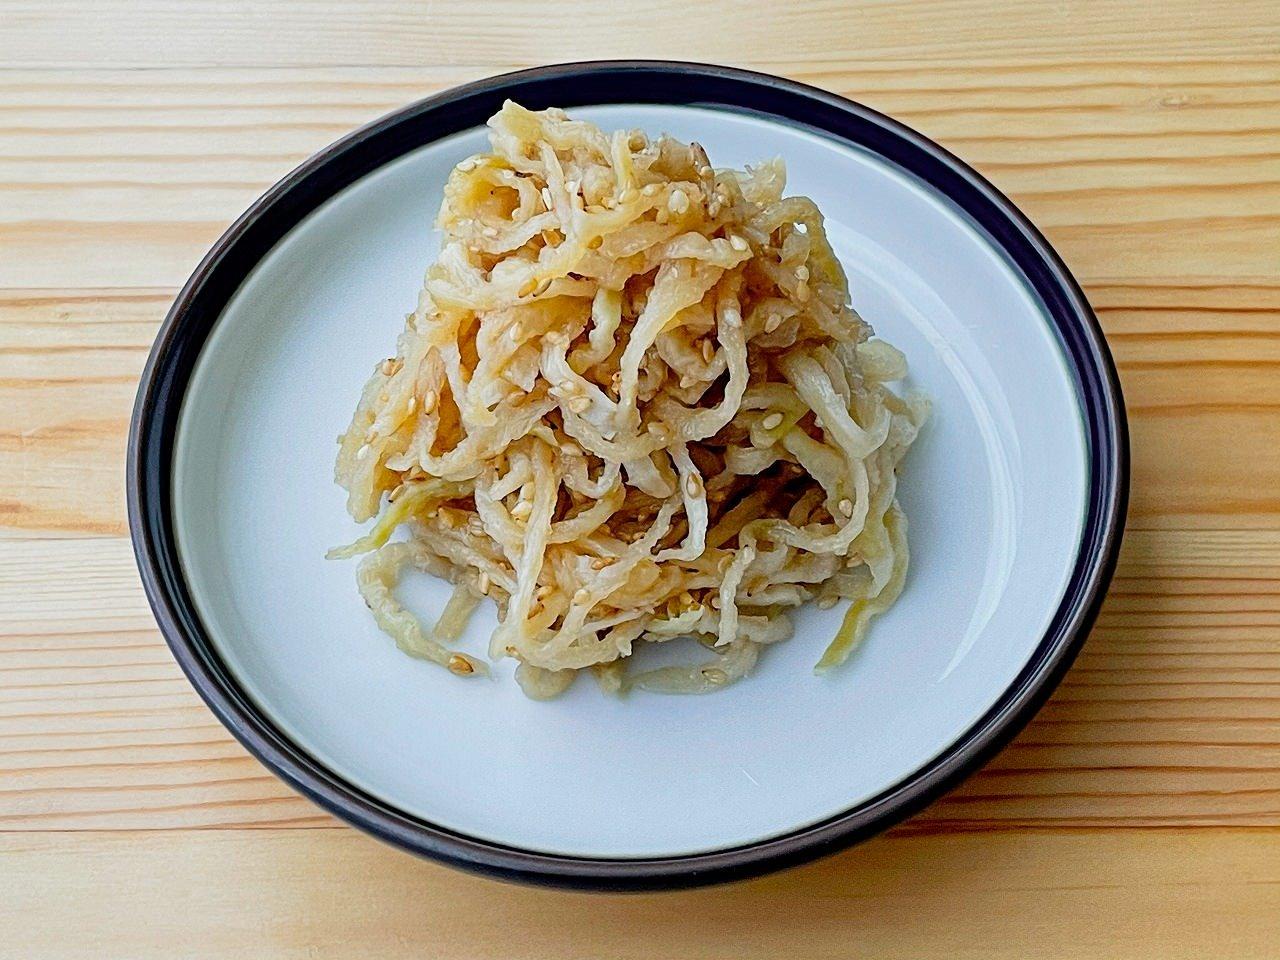 【野菜ひとつ】煮て作る 切干大根のナムル